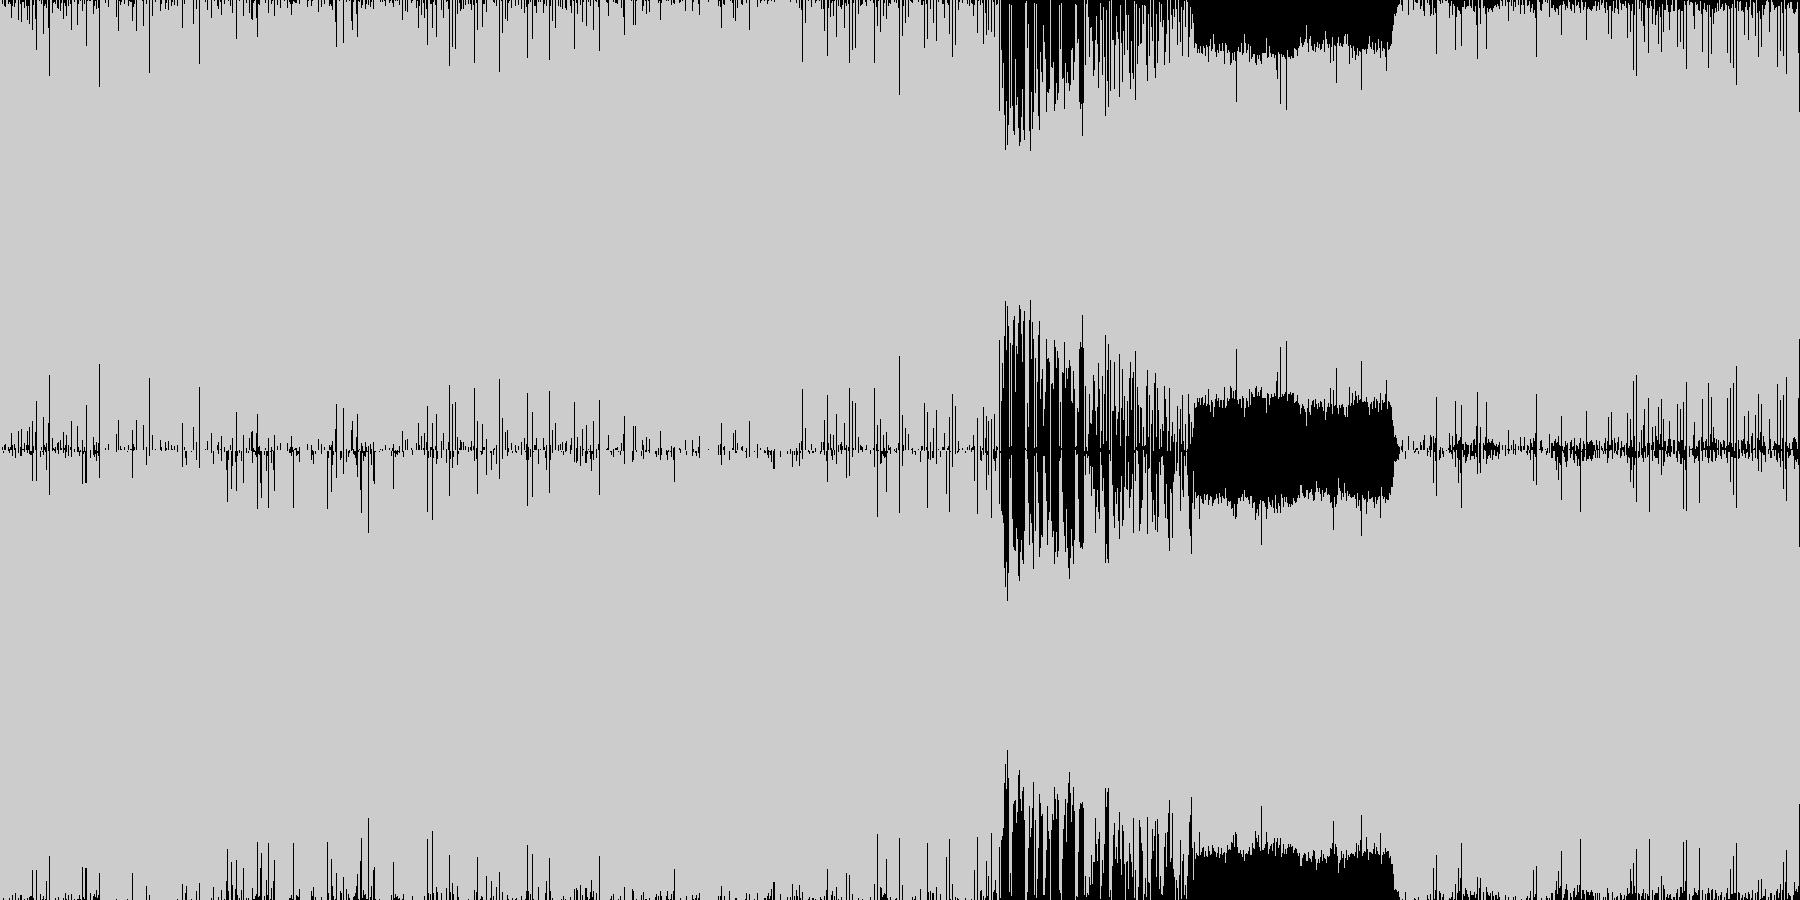 ファンタジーRPGでのボスバトル想定の…の未再生の波形